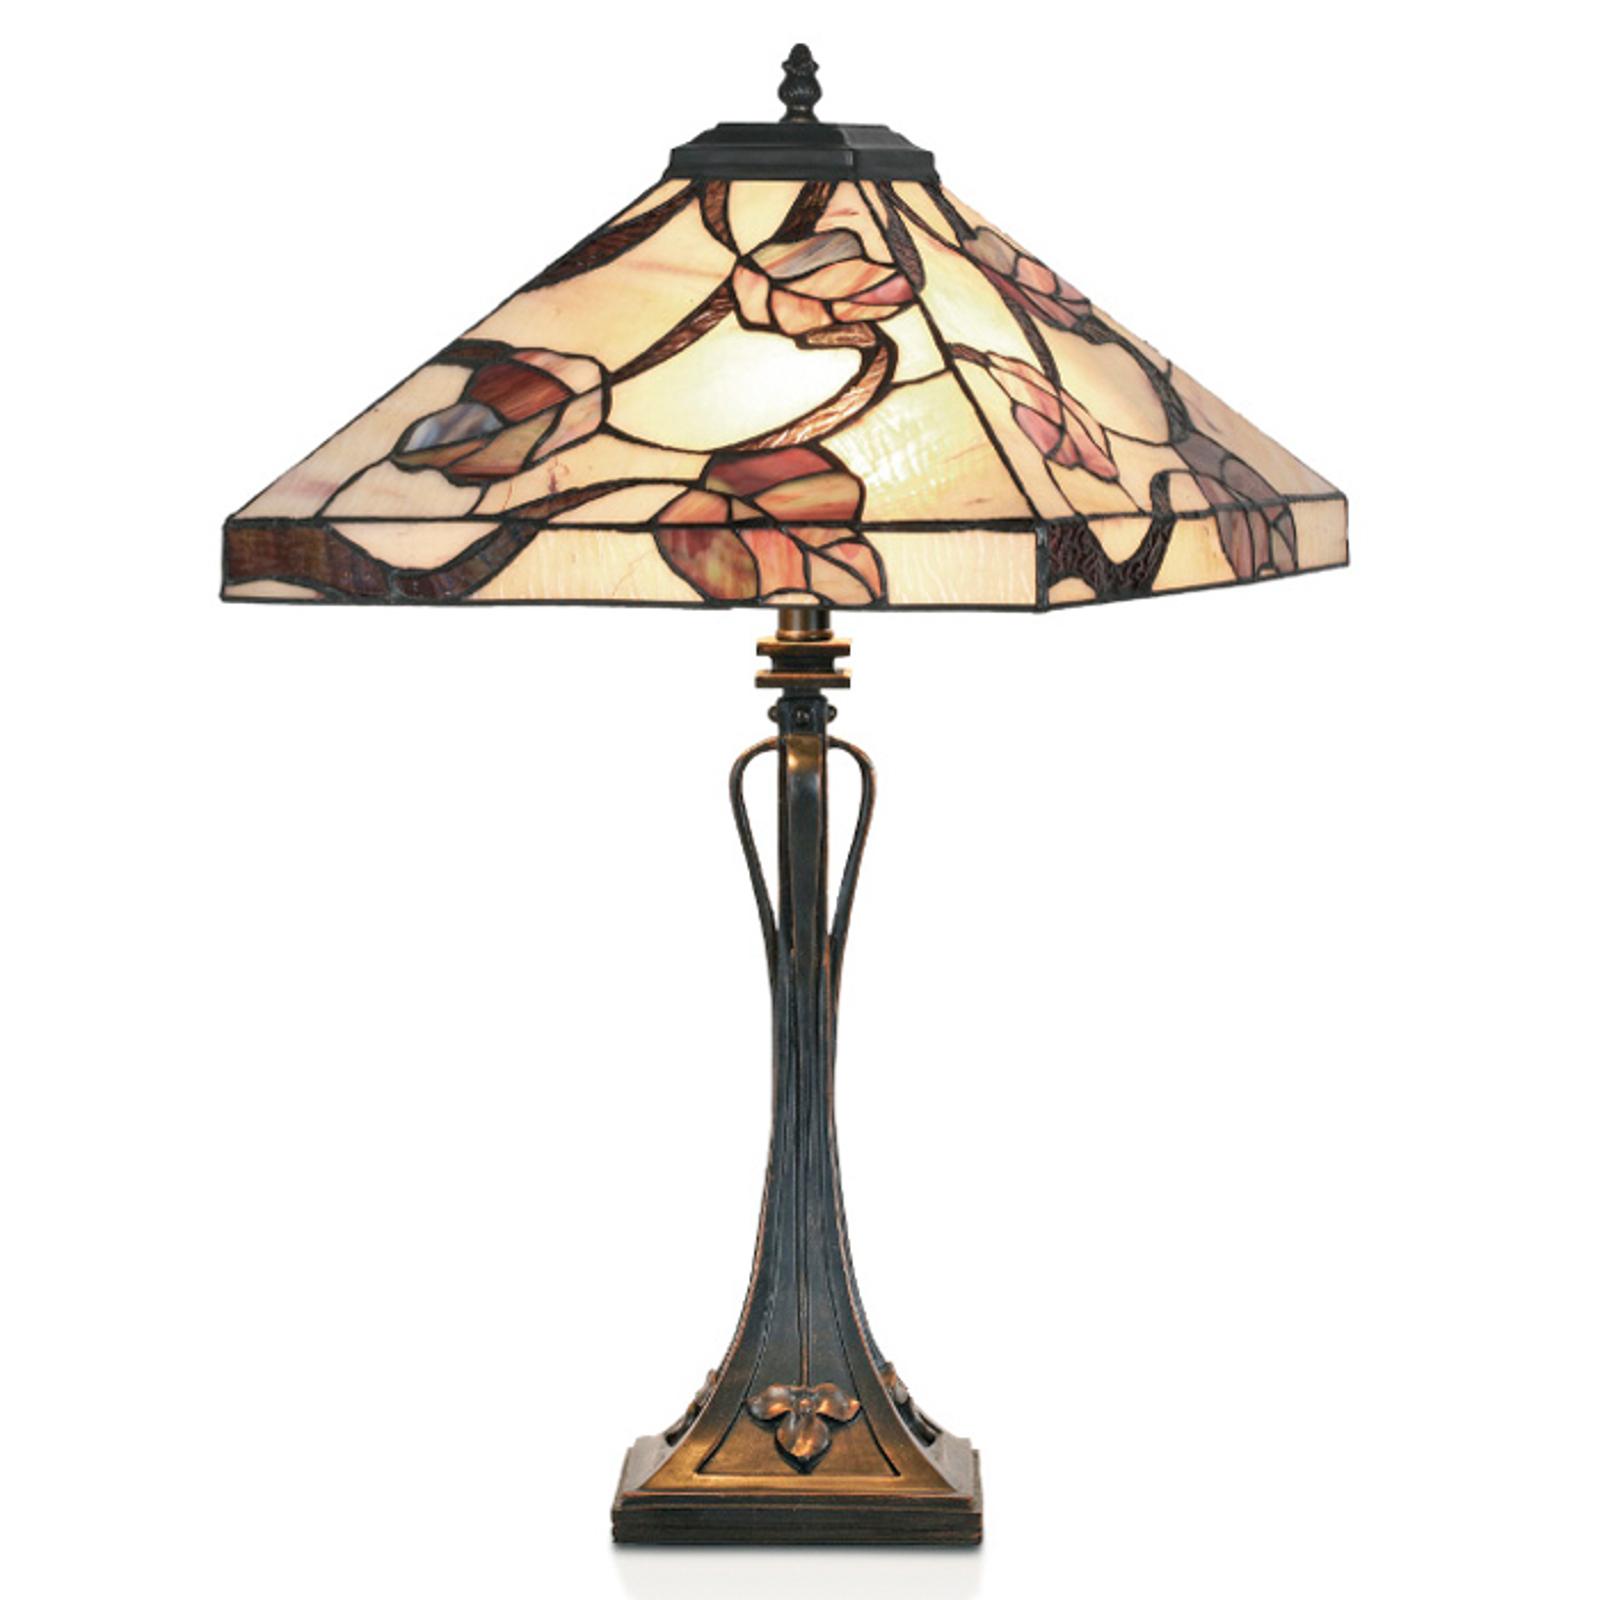 Stolná lampa APPOLONIA v štýle Tiffany_1032187_1